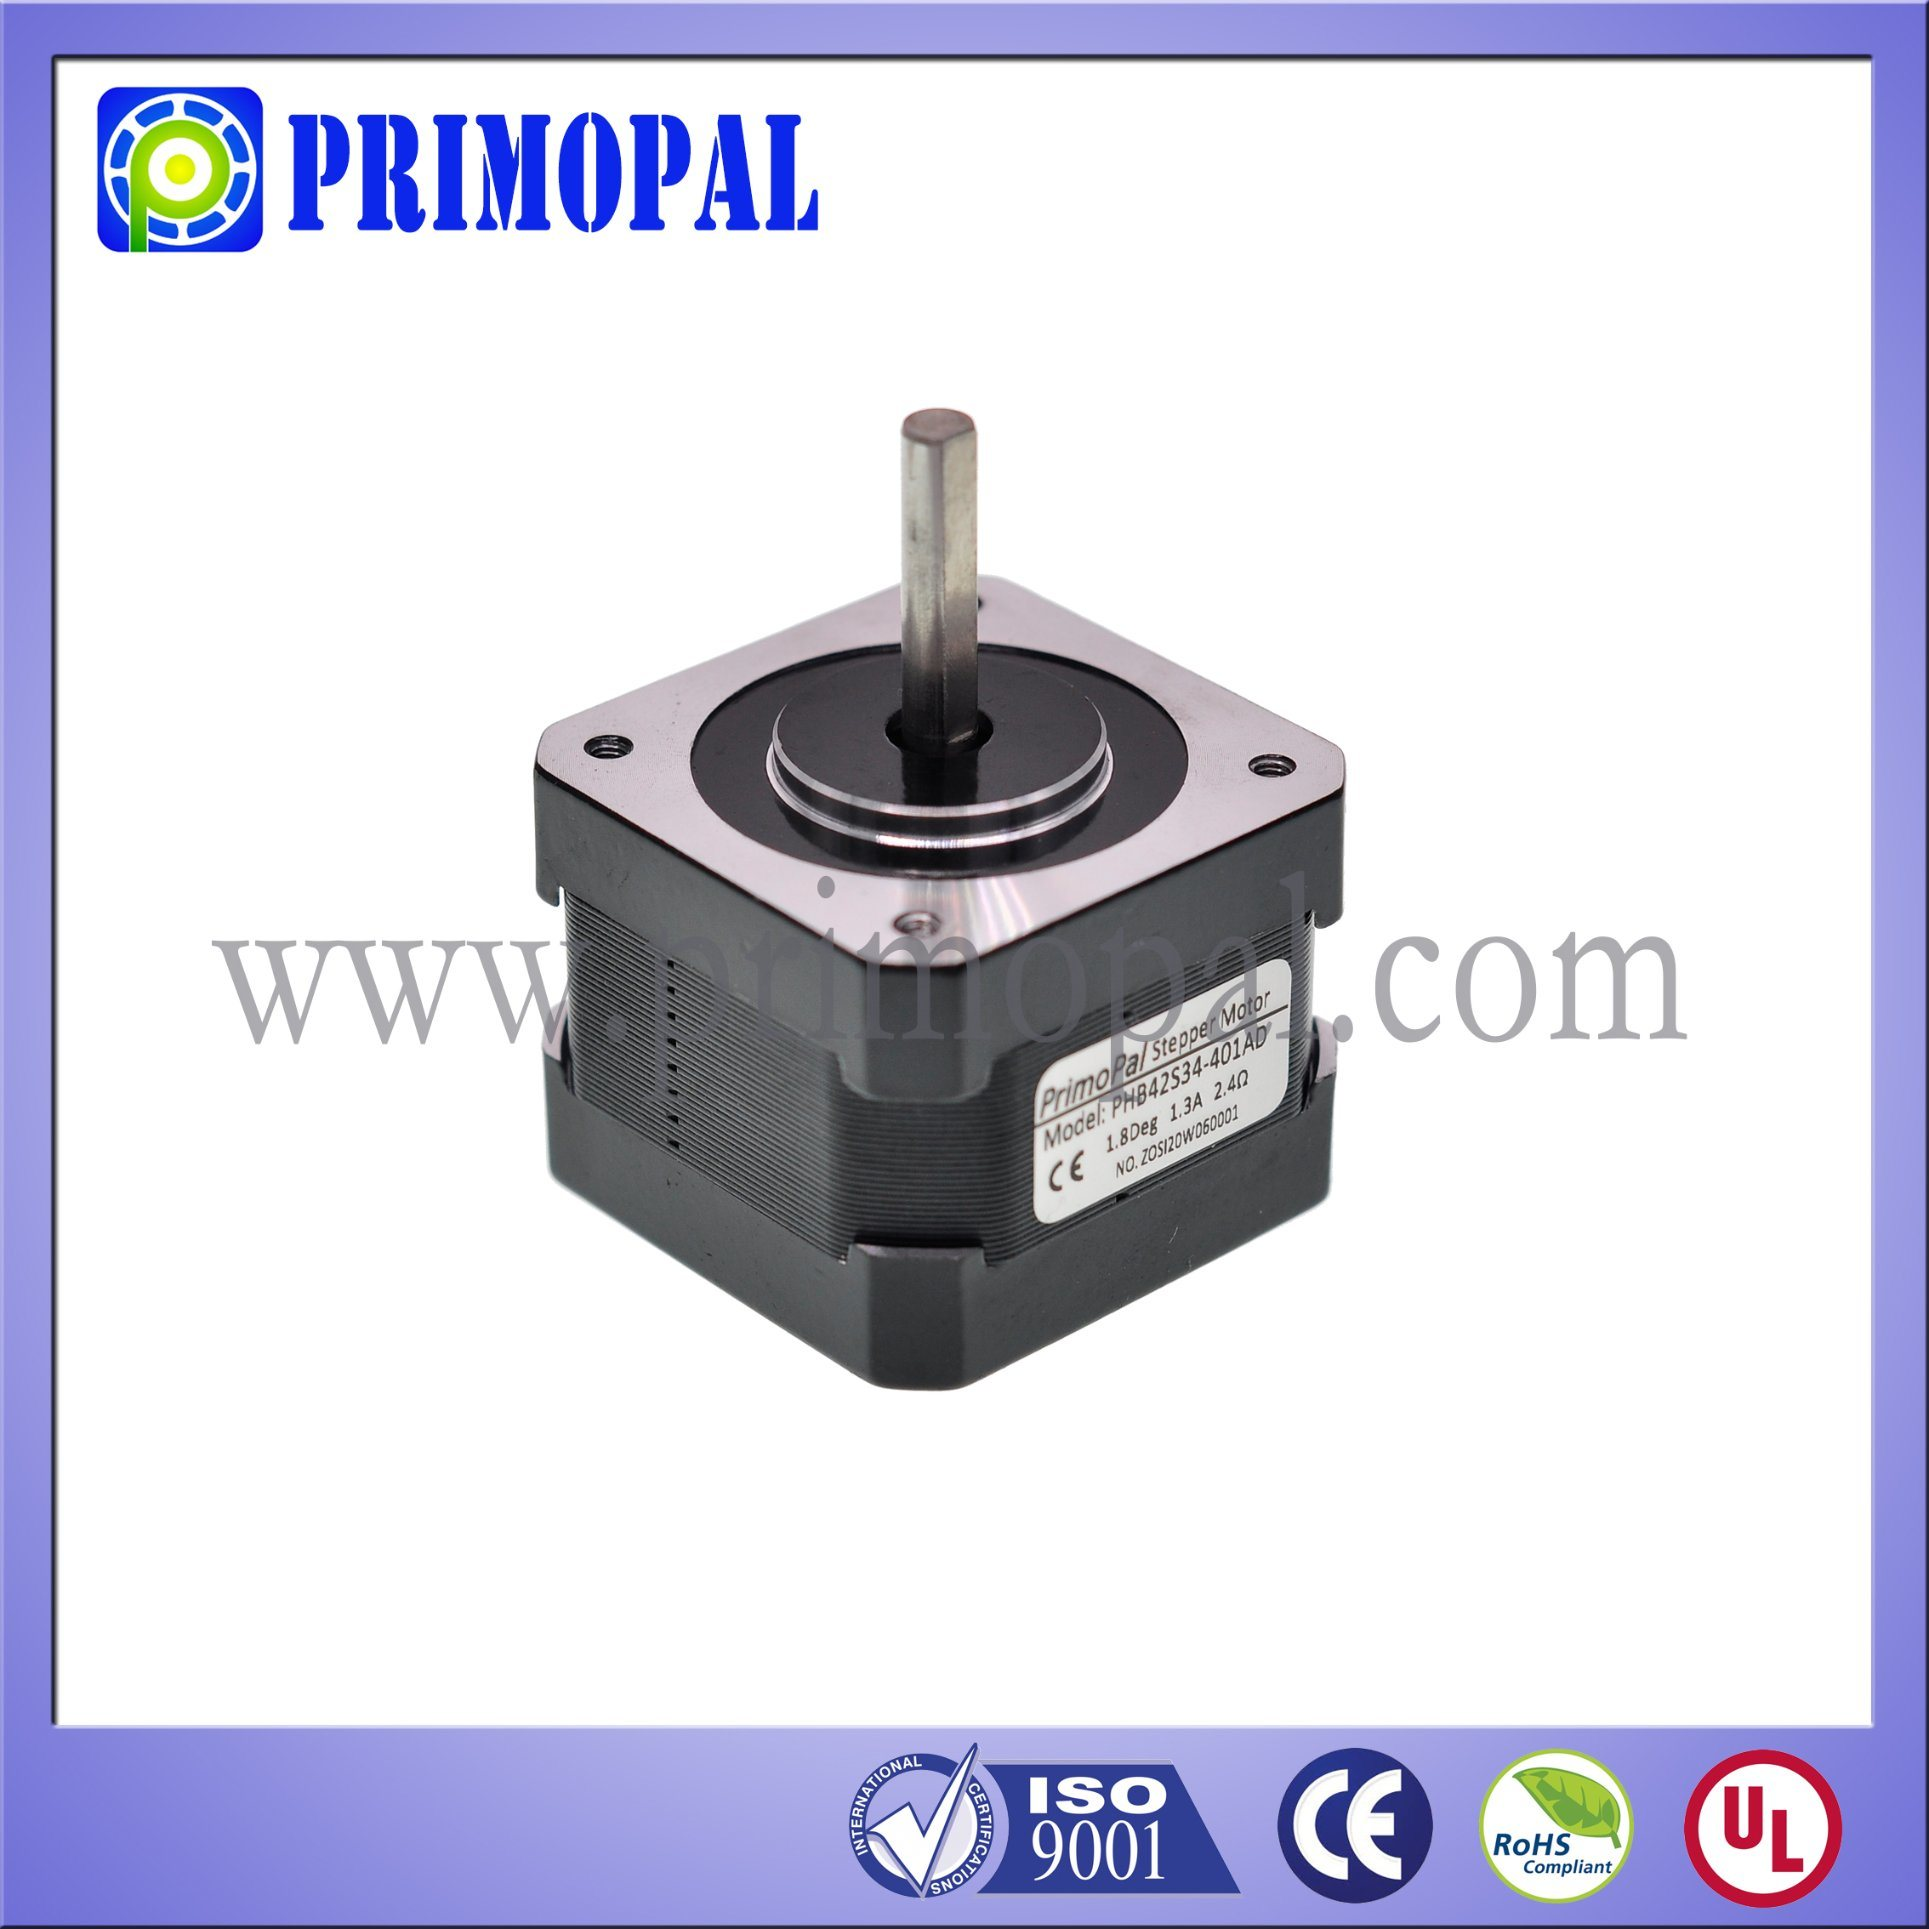 High Quality NEMA 17 Stepper Motor for 3D Printer